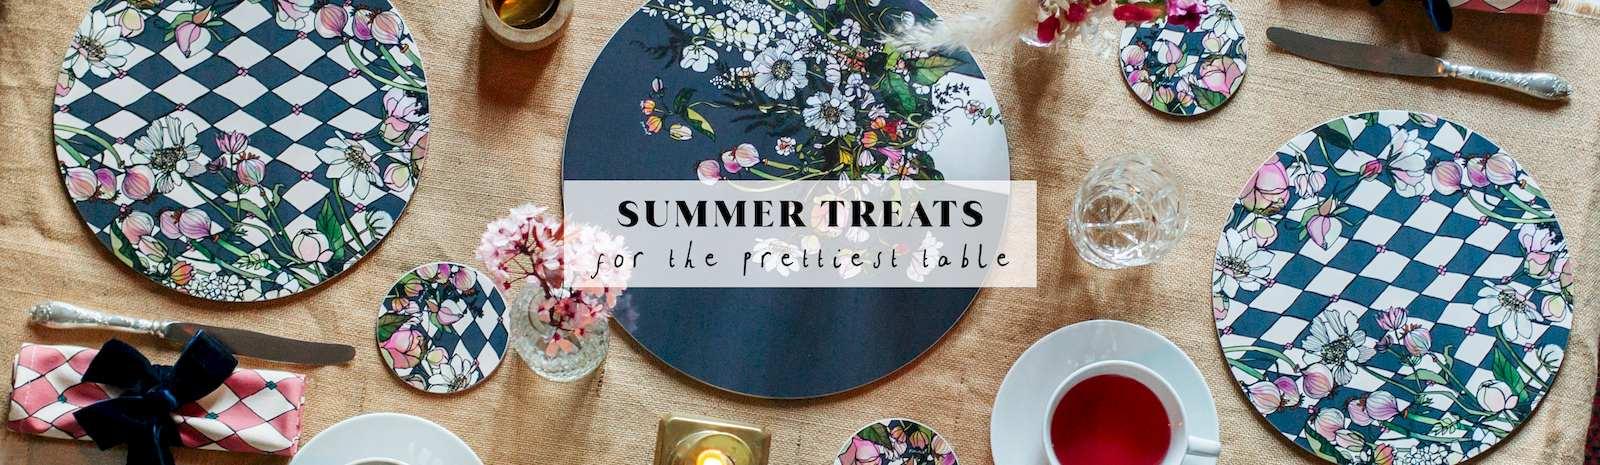 blooms homepage prettiest table